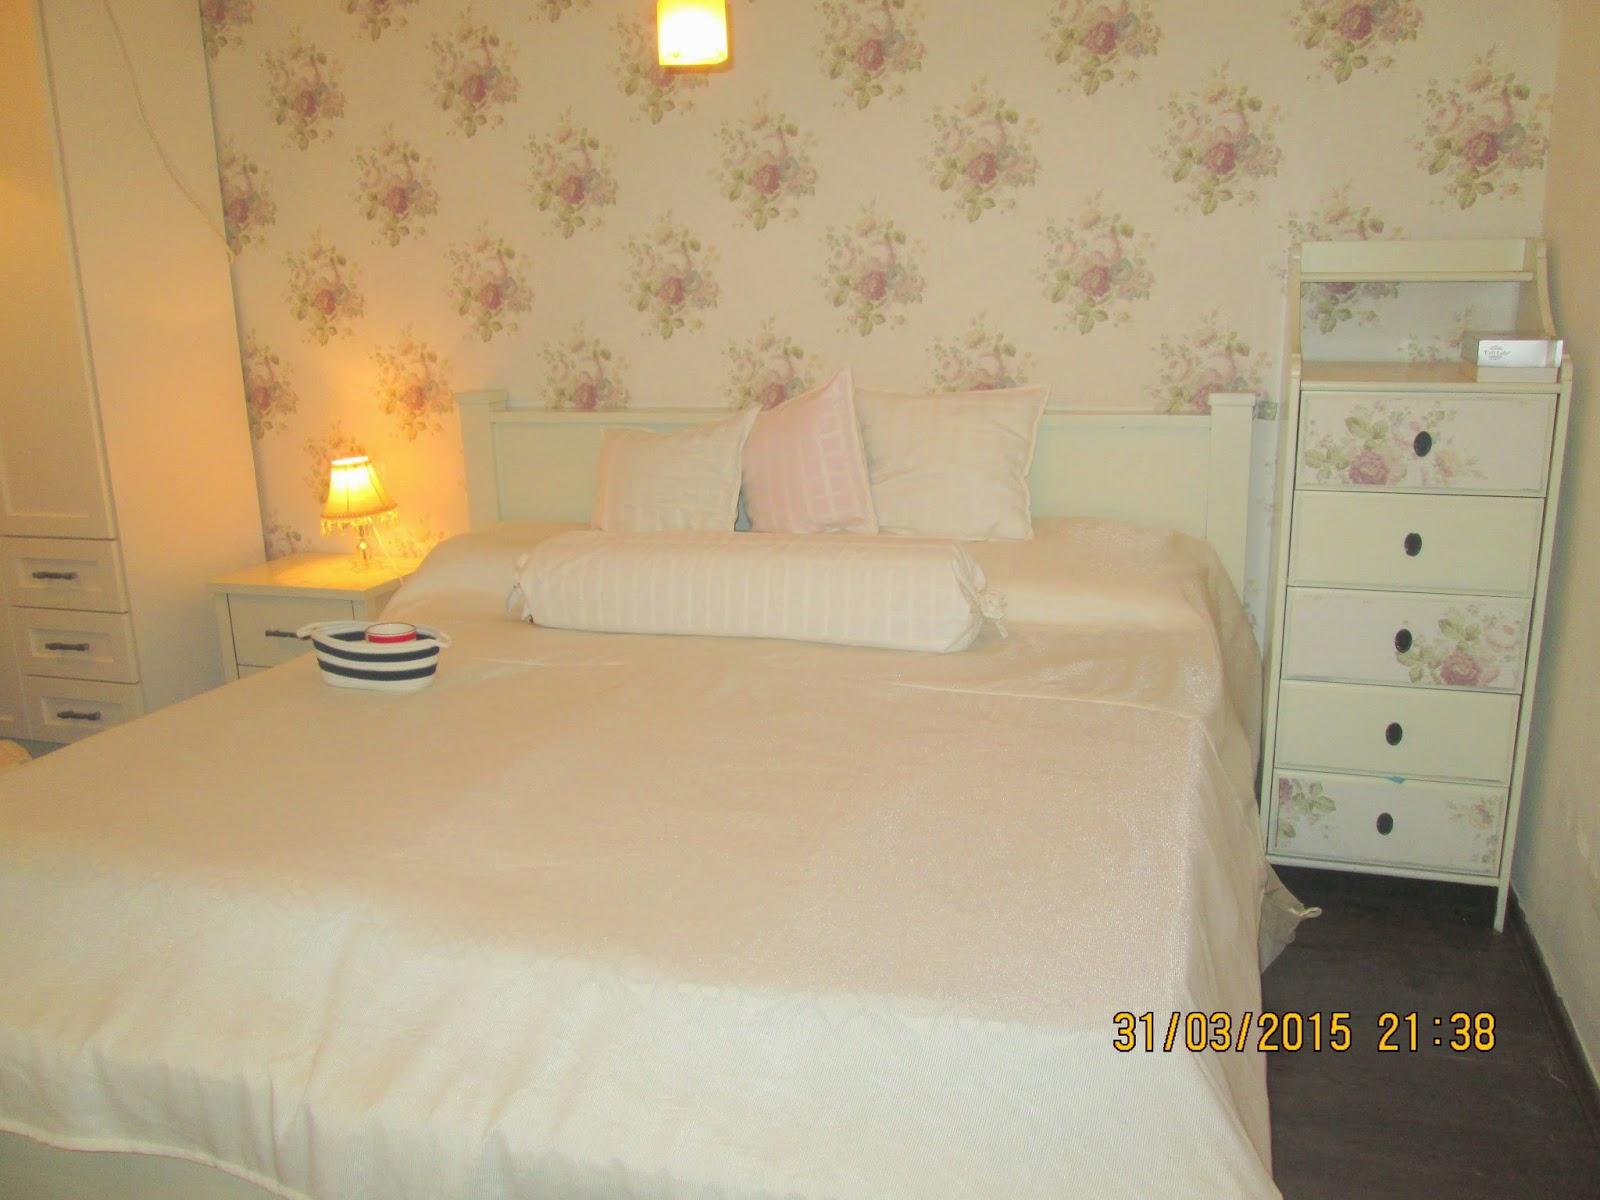 IMG 0132 - חדר שינה